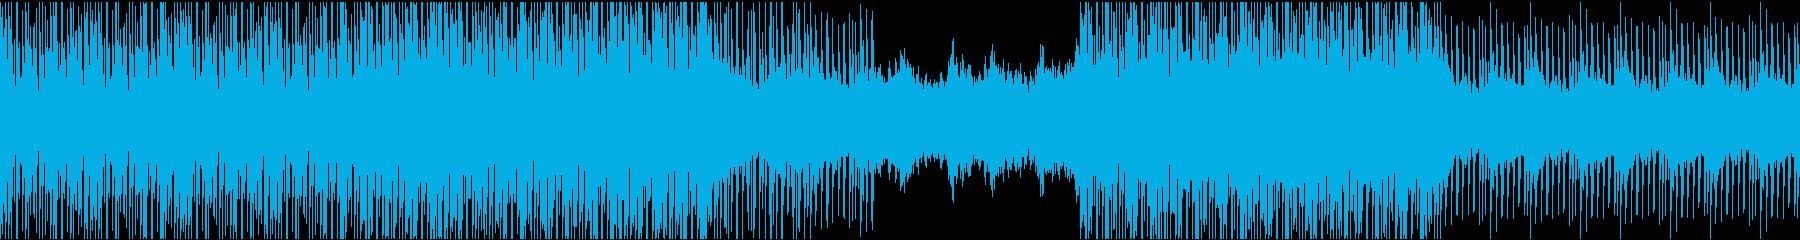 [ループ]ダンスミュージック4の再生済みの波形